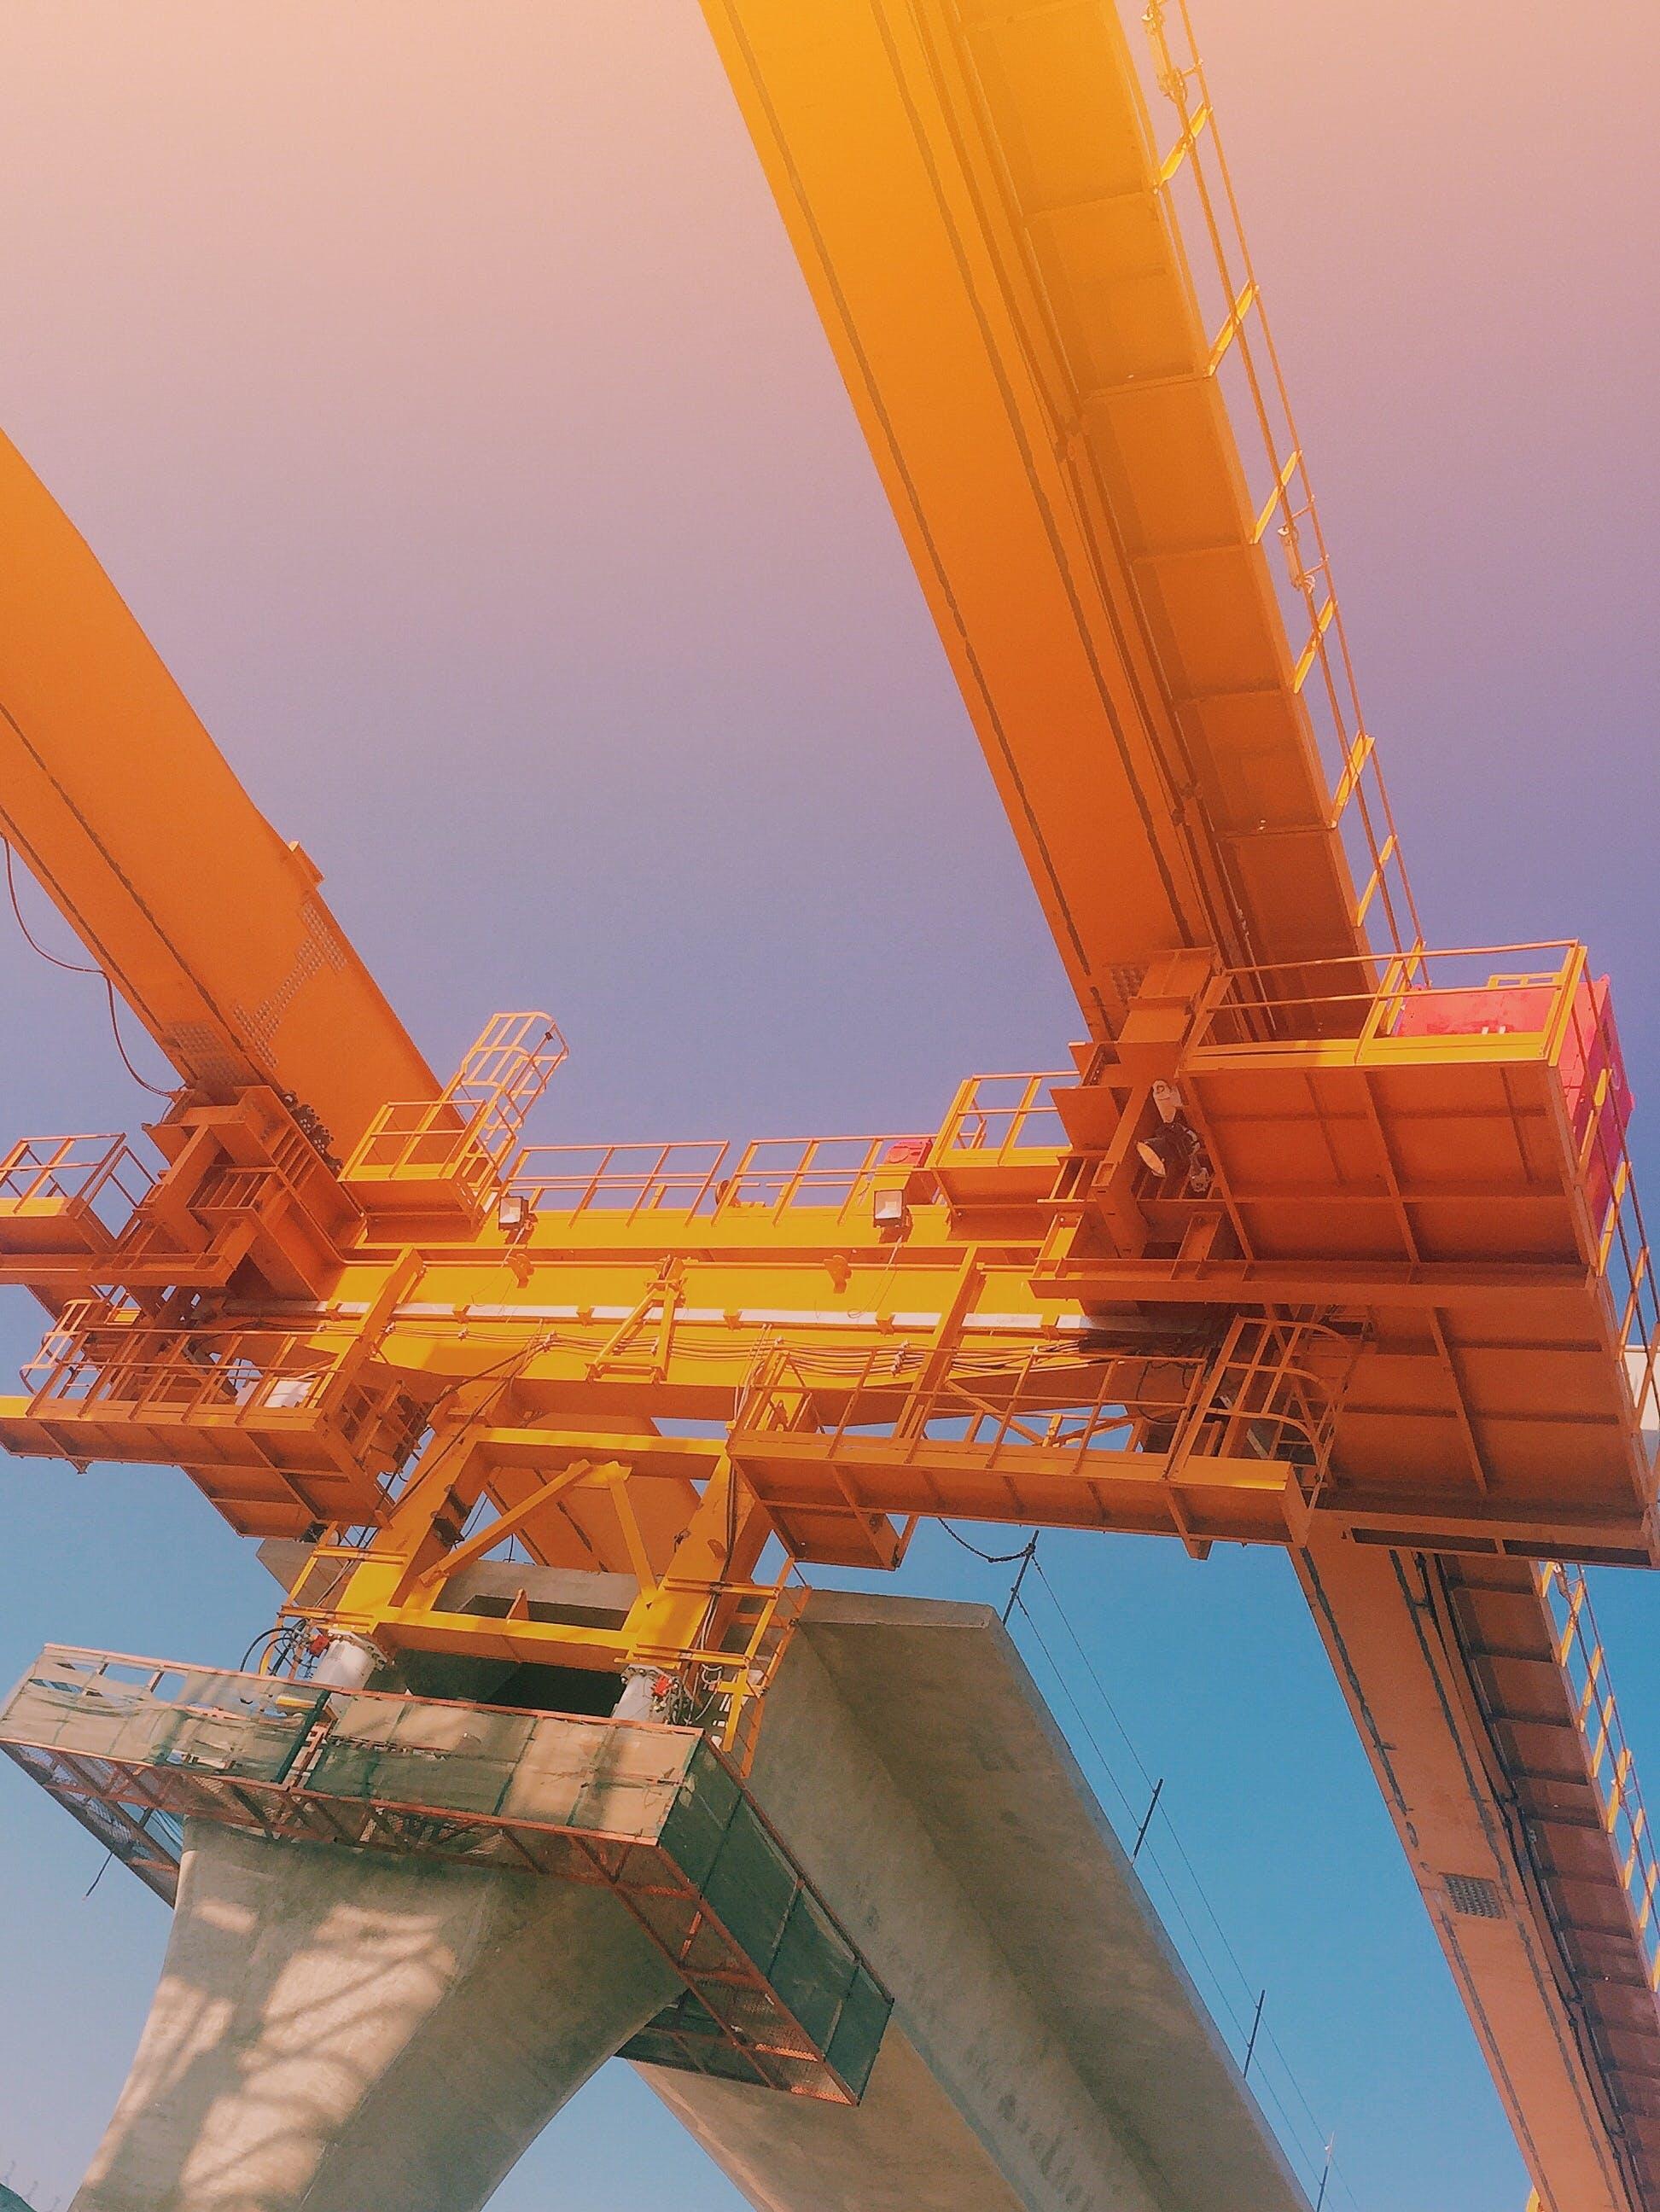 Free stock photo of build, construction, metro, orange